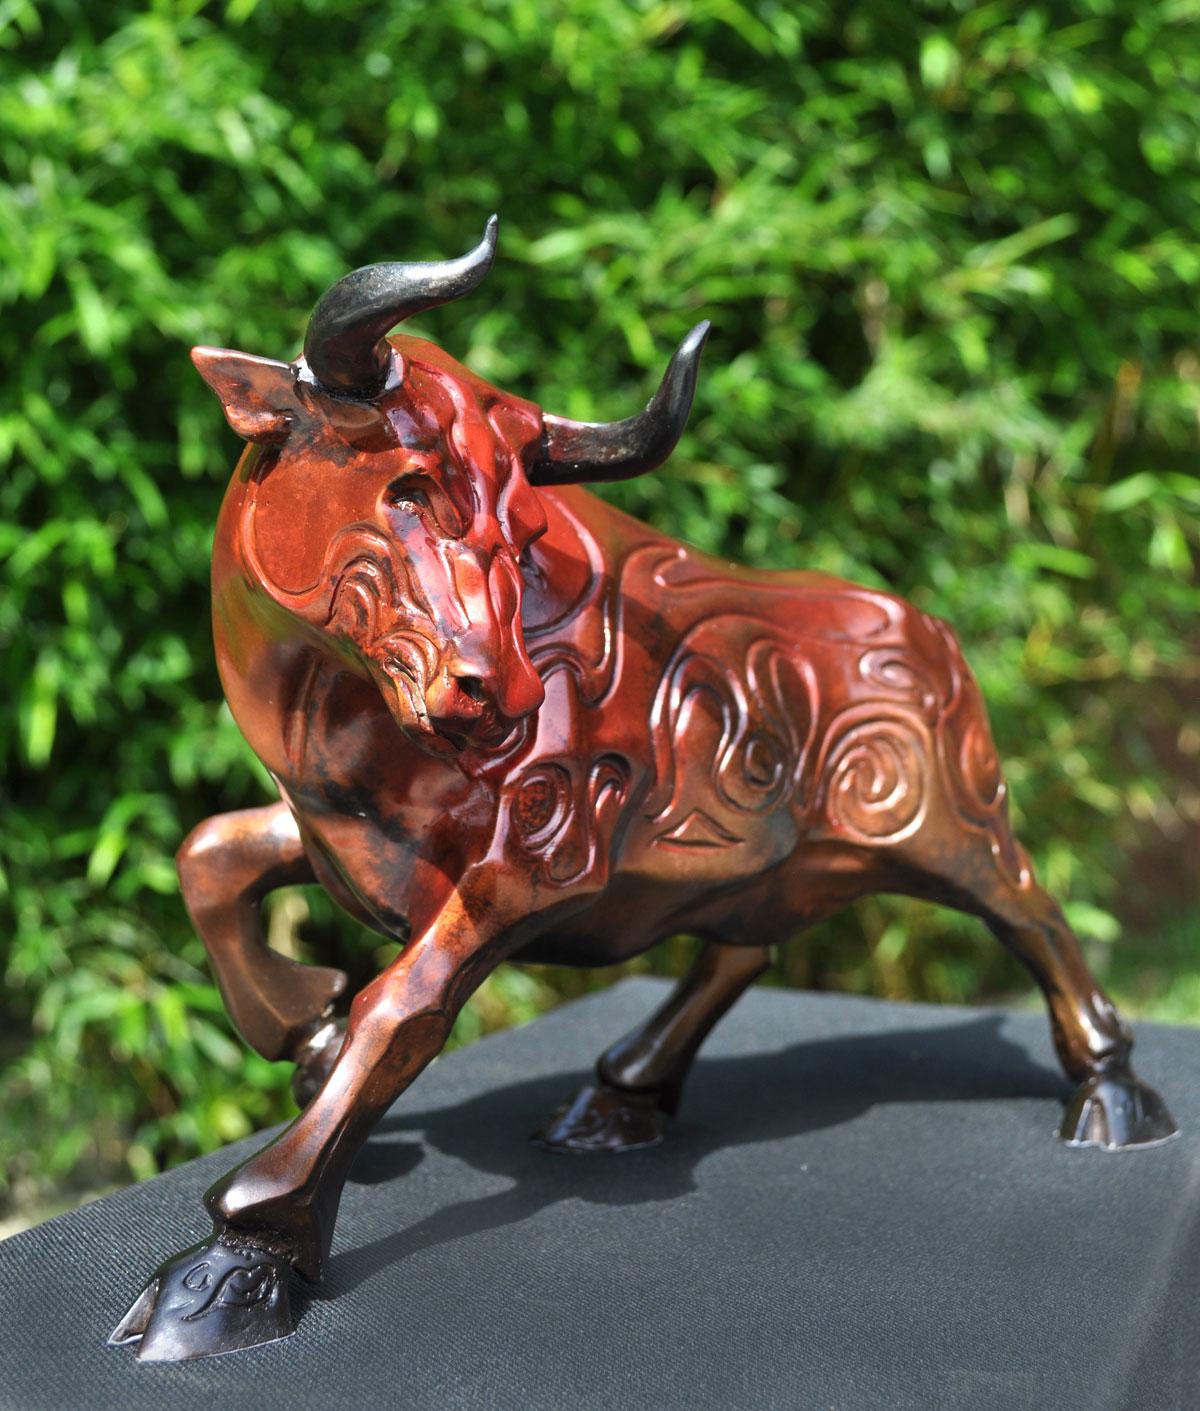 bronze-bull-sculpture-toro-john-maisano-11.jpg